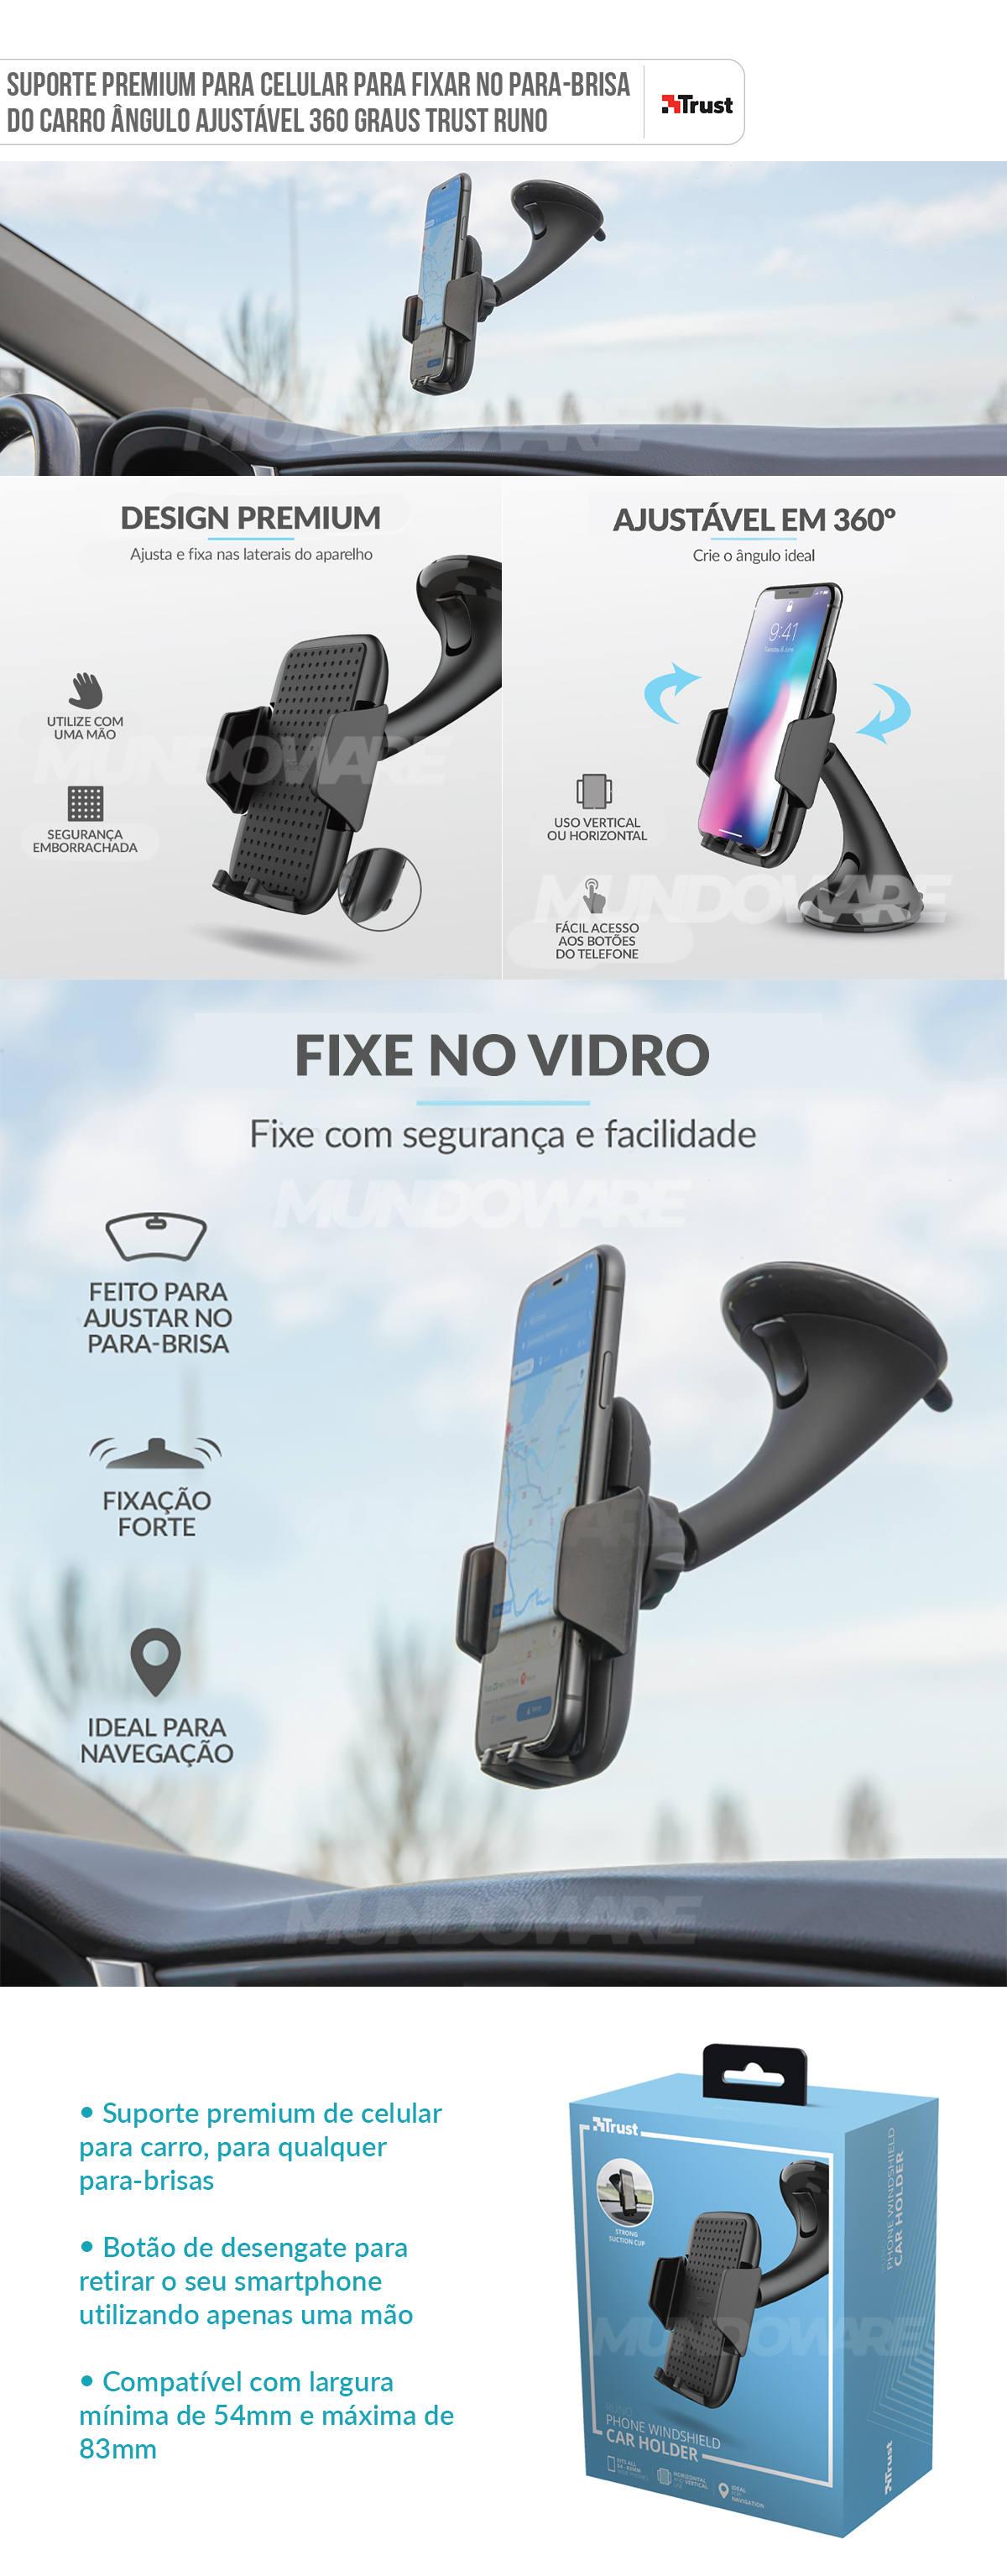 Suporte para Celular Premium para Fixar no Para-Brisa de Carro Ângulo Ajustável 360 Graus Trust Runo